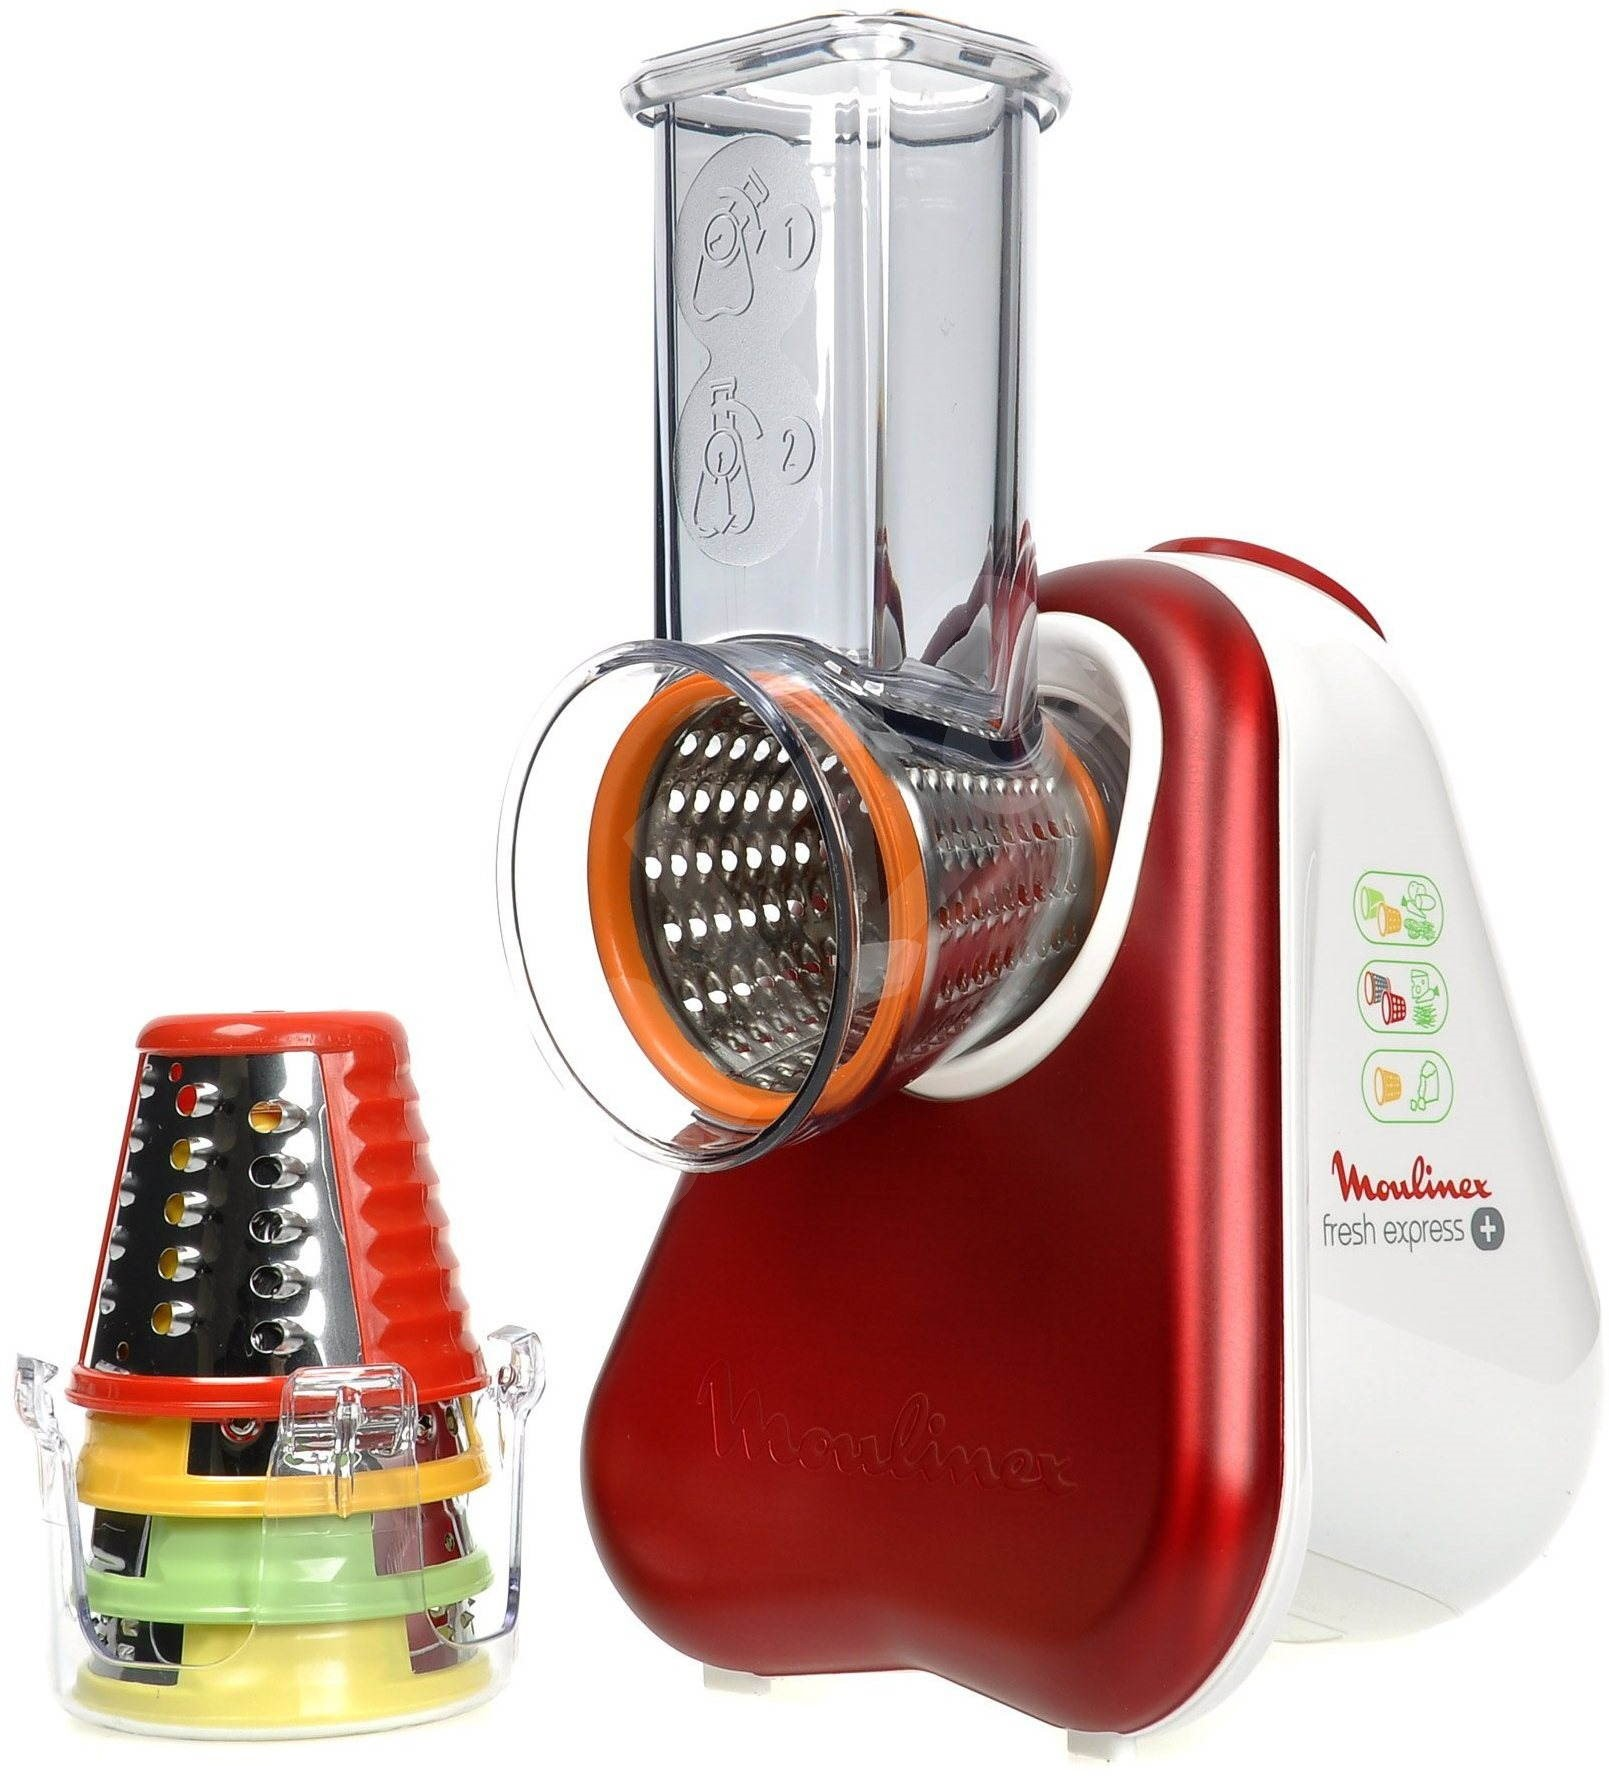 moulinex fresh express dj756g35 kuchy sk robot. Black Bedroom Furniture Sets. Home Design Ideas